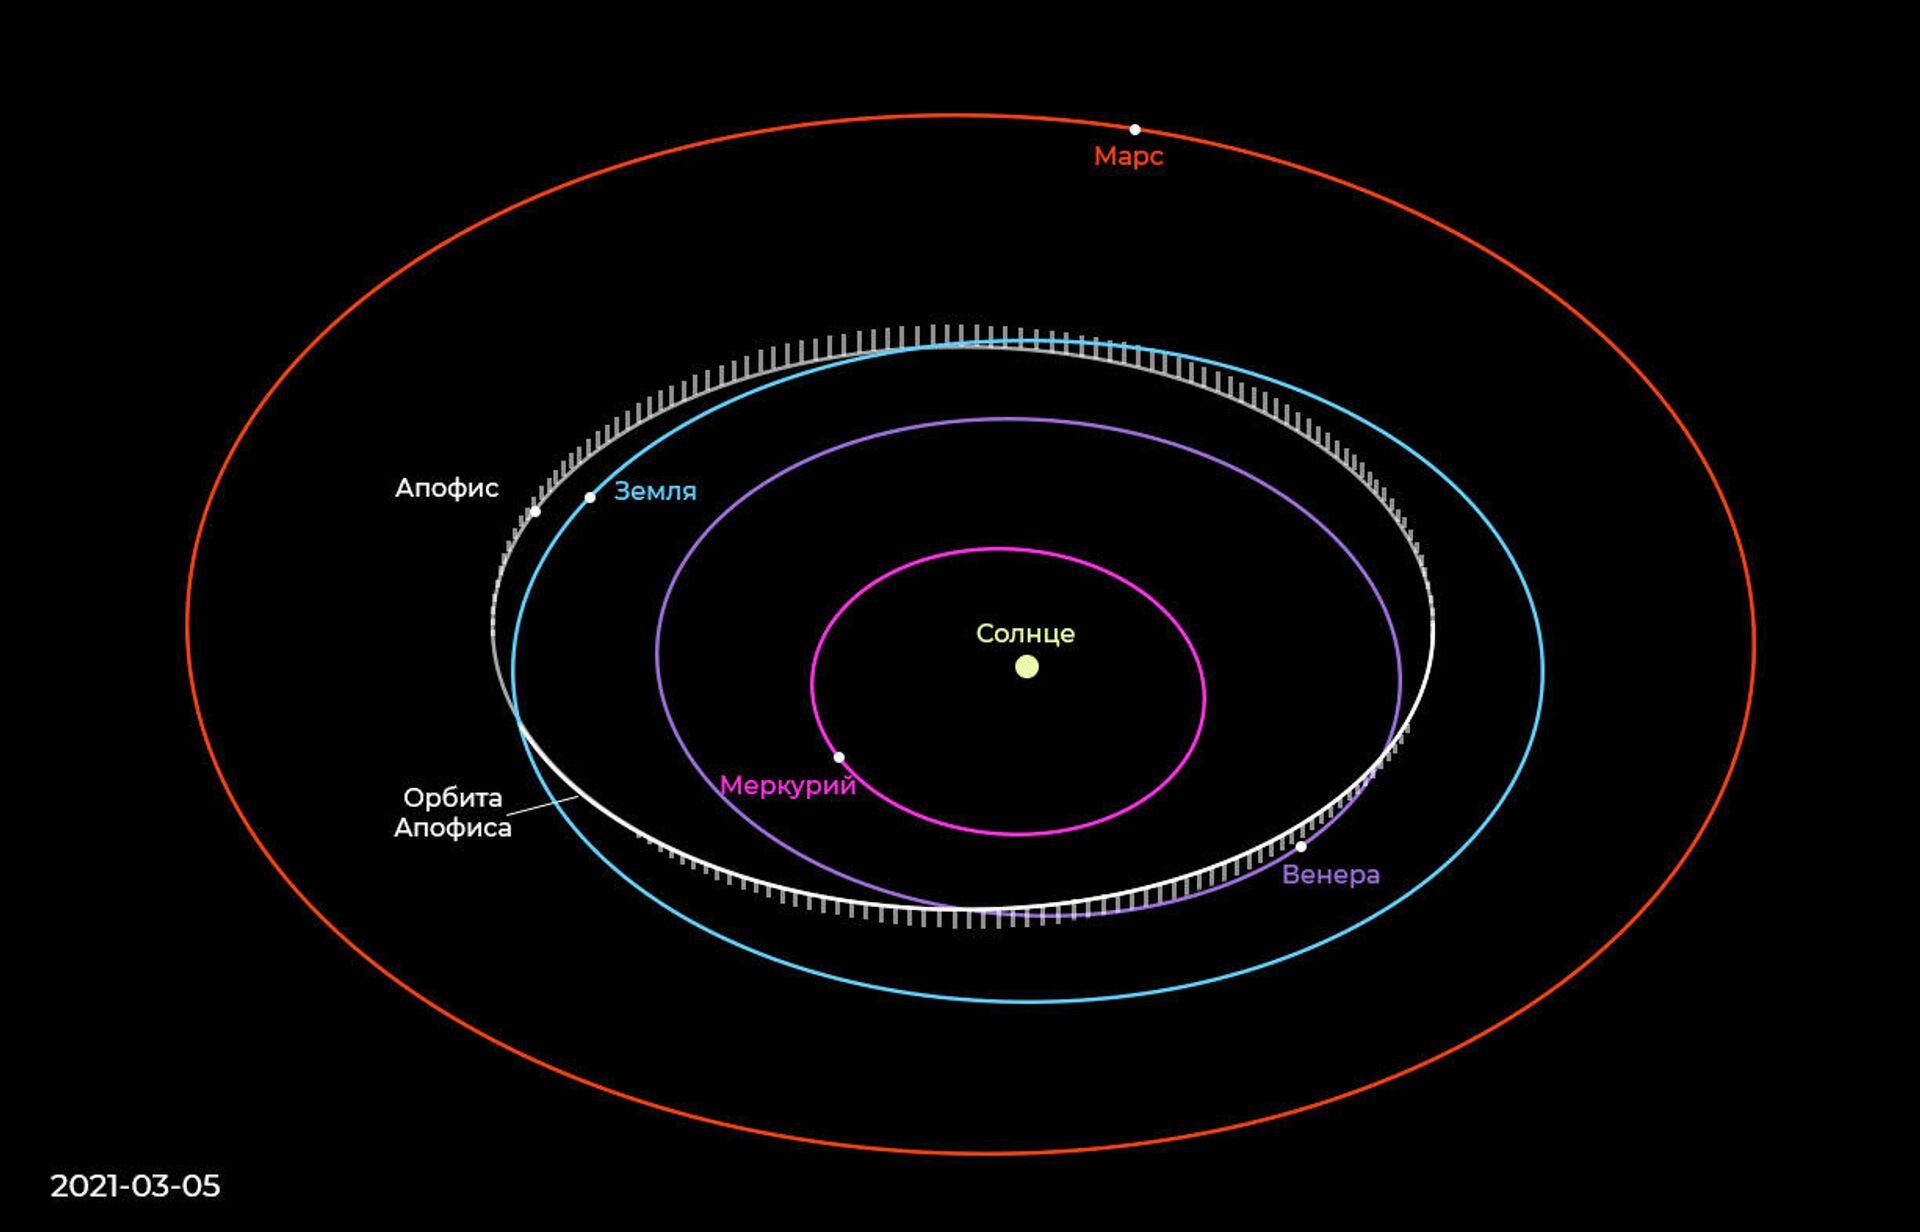 Положение Апофиса относительно Земли 5 марта 2021 года - РИА Новости, 1920, 04.03.2021